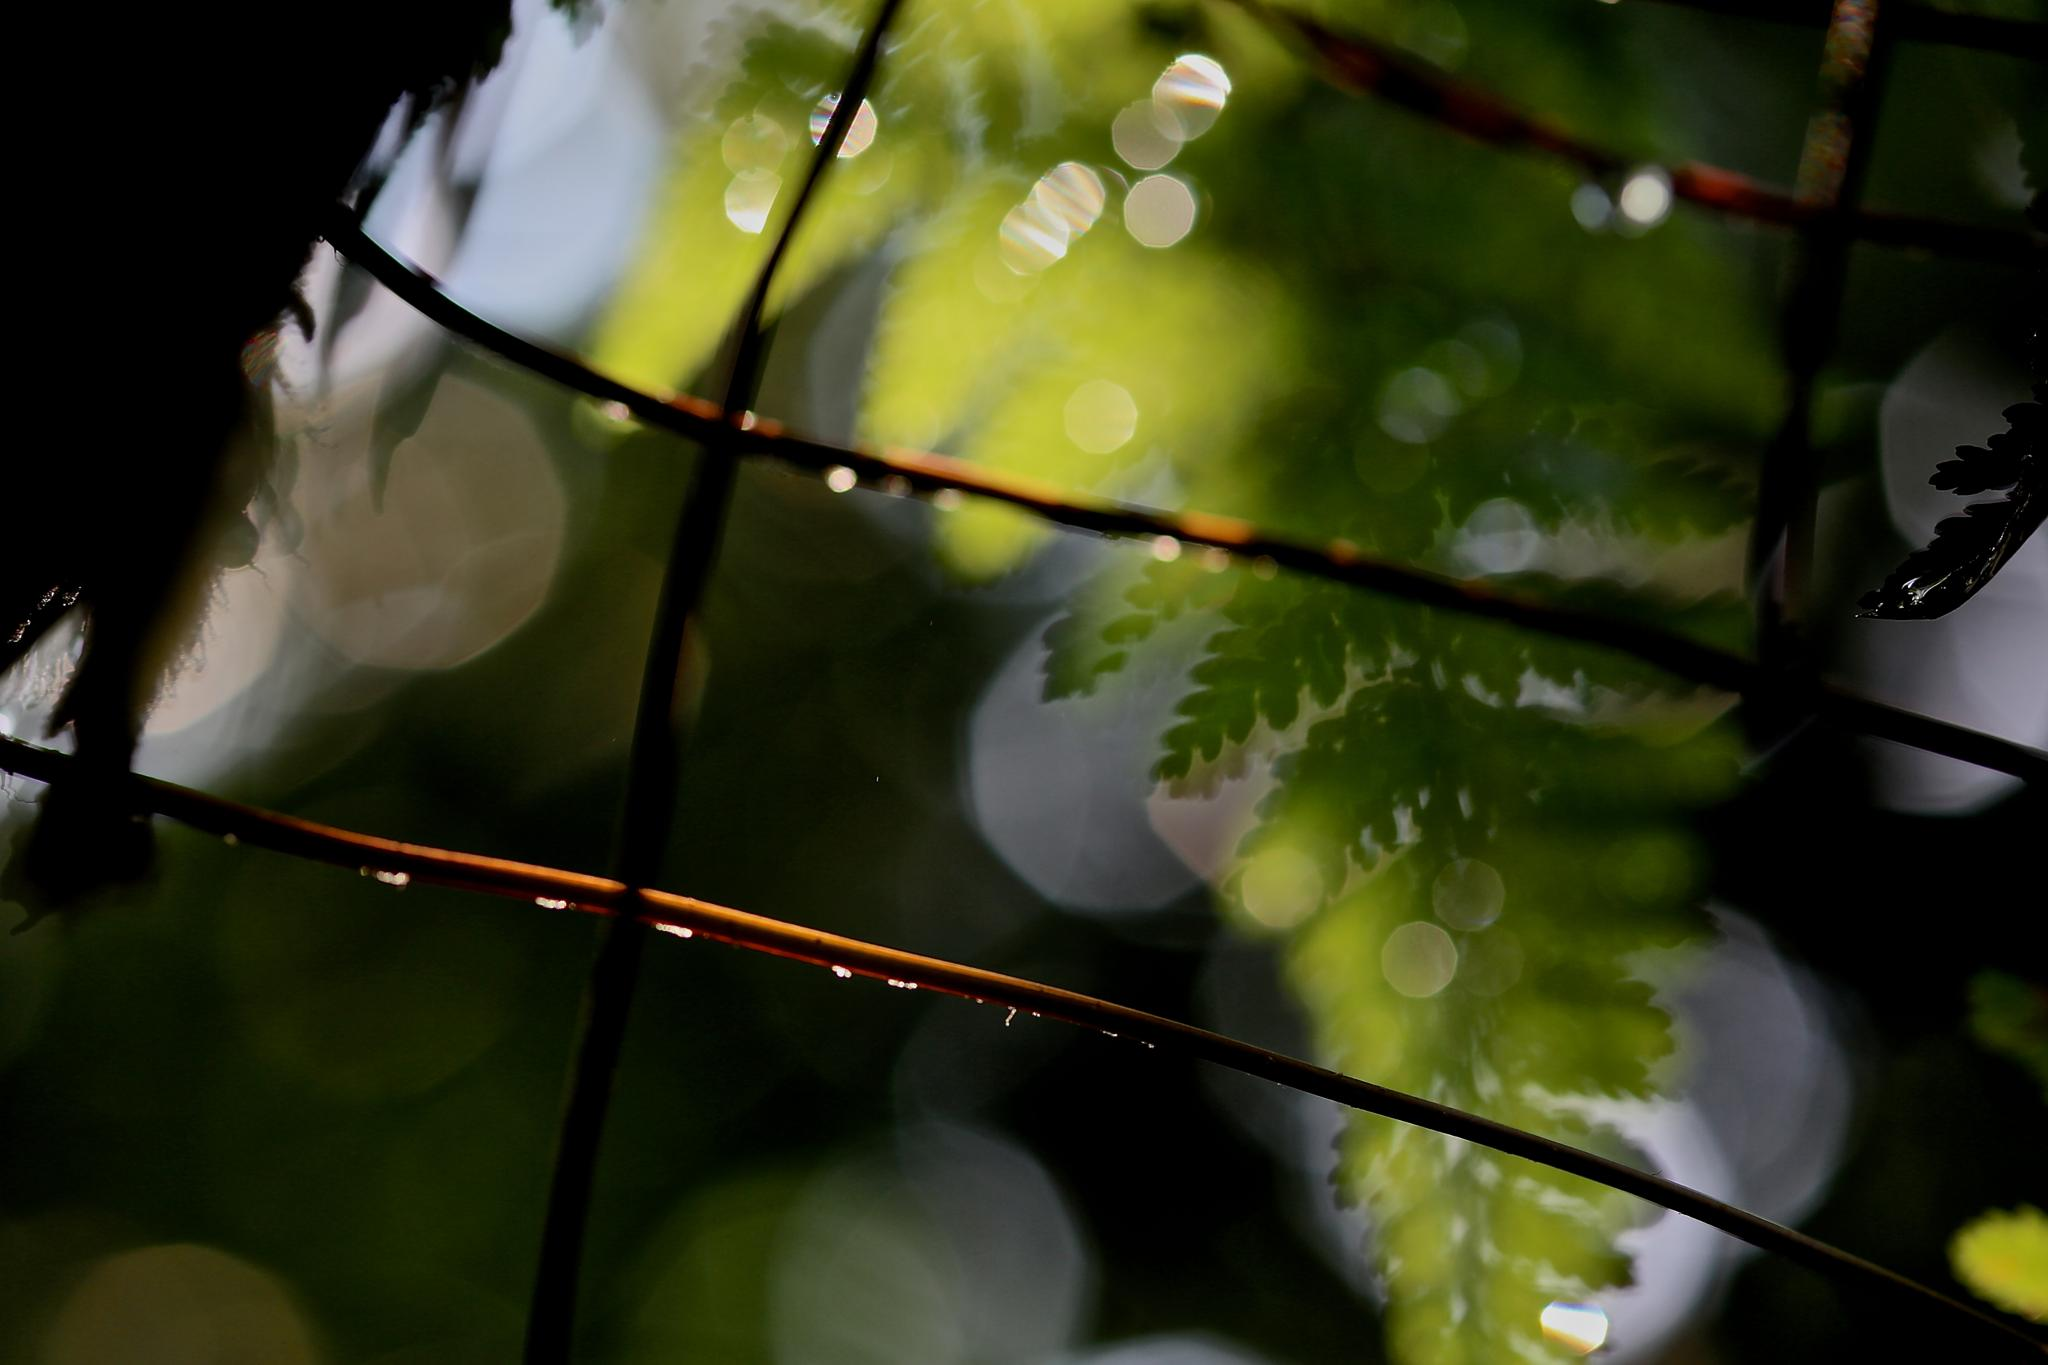 Untitled by Cheng Cho Yau Joe